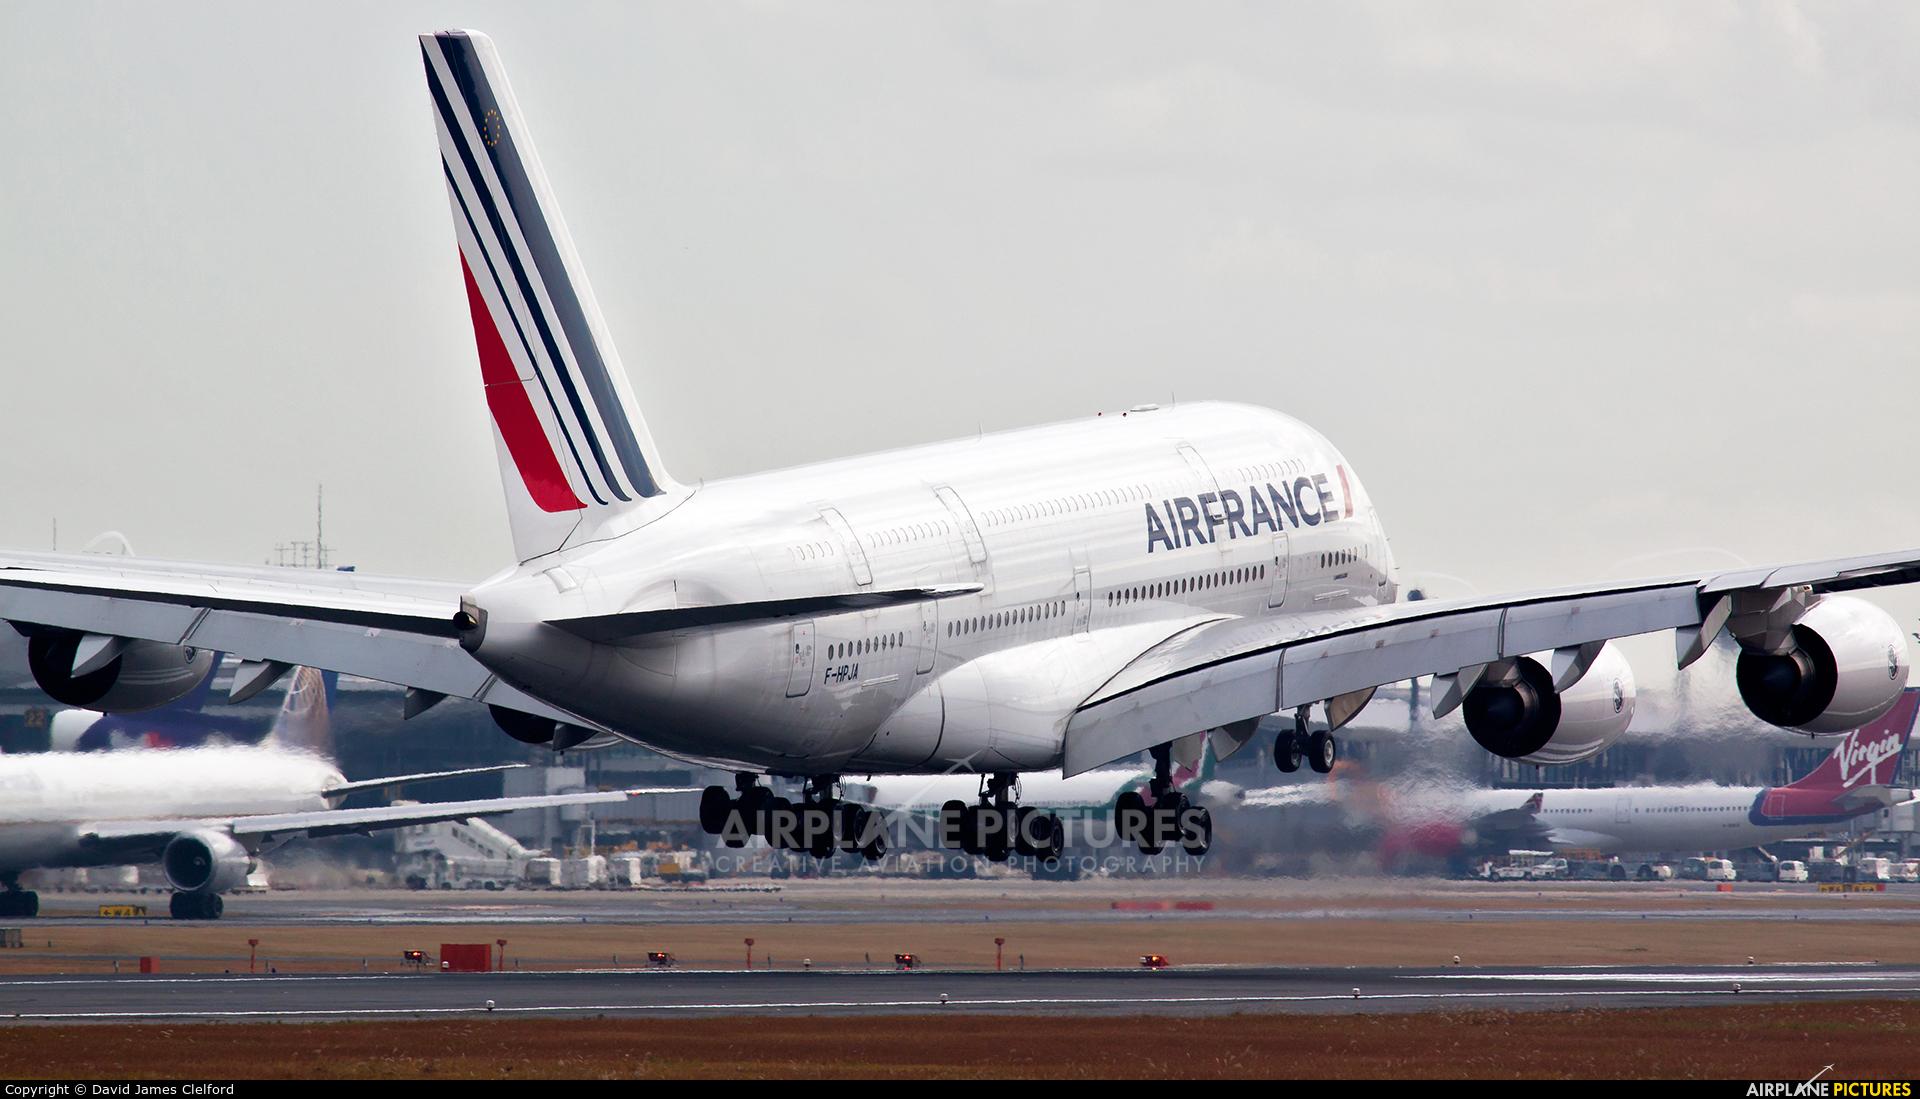 Air France F-HPJA aircraft at Tokyo - Narita Intl